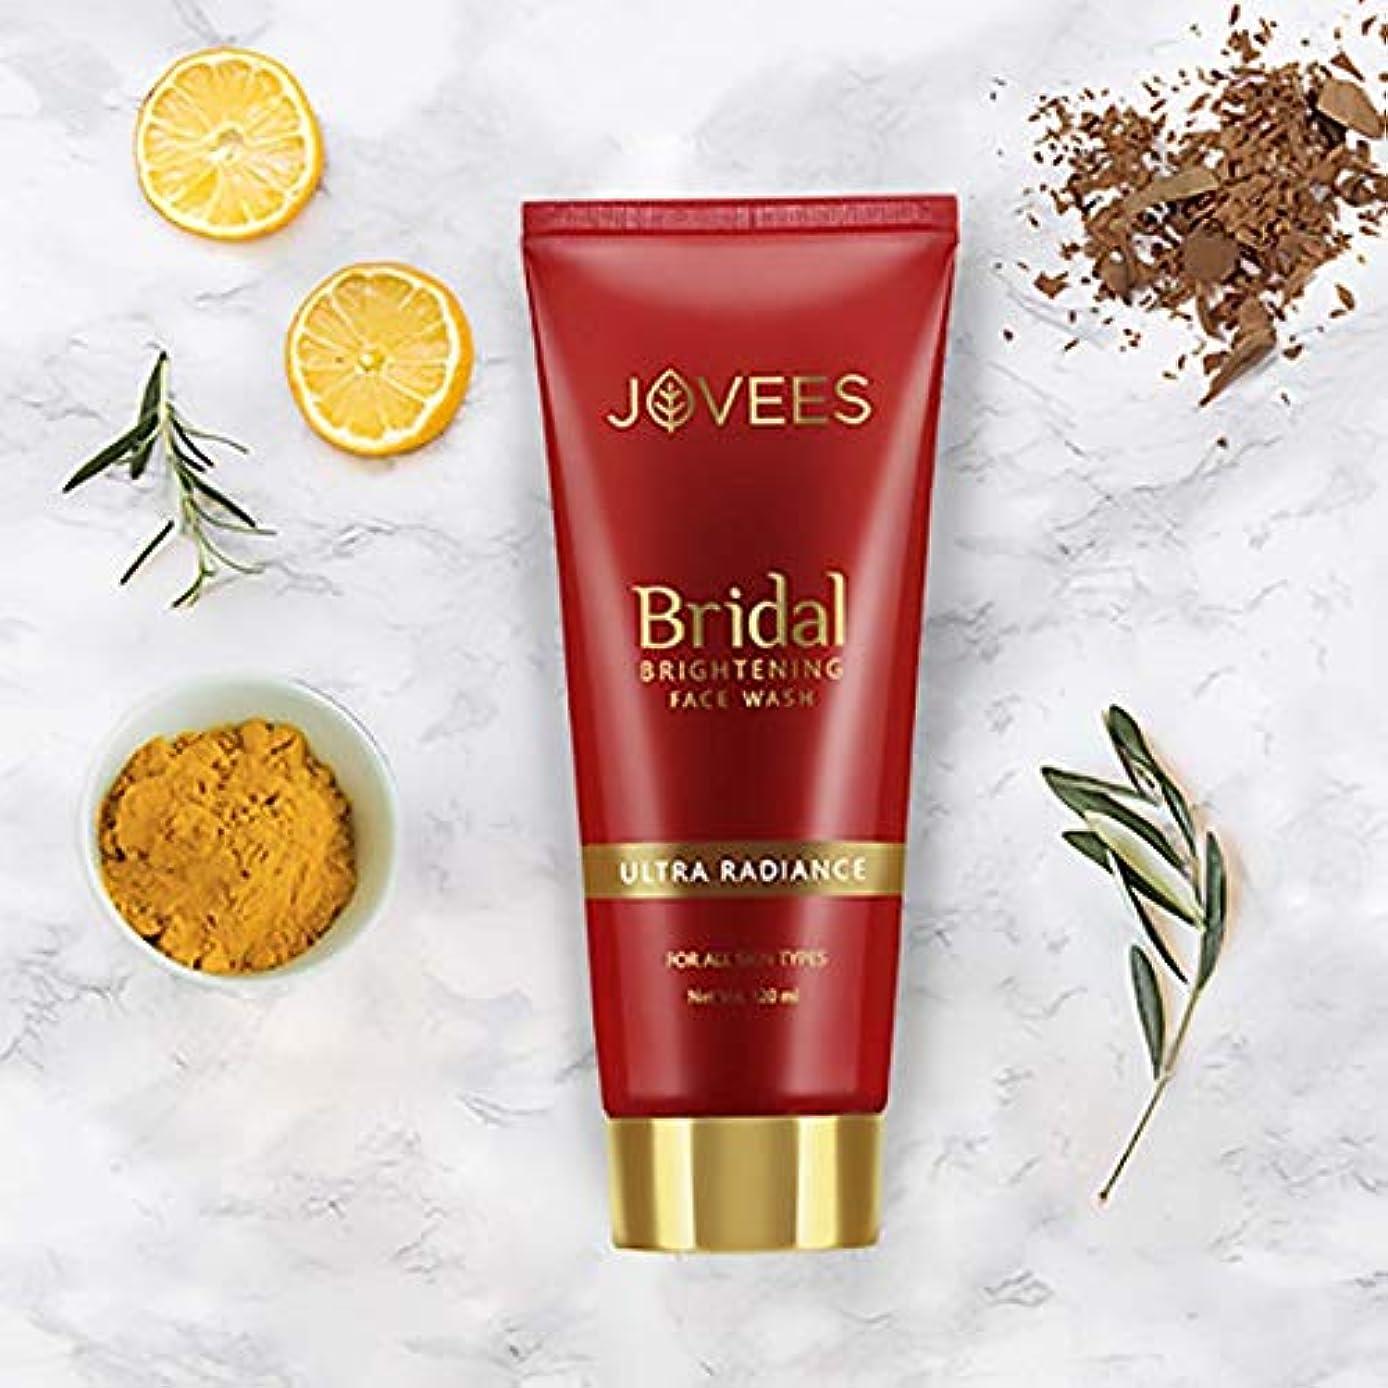 パトロールギャンブル適応的Jovees Bridal Brightening Face Wash 120ml Ultra Radiance Even & brighter complex